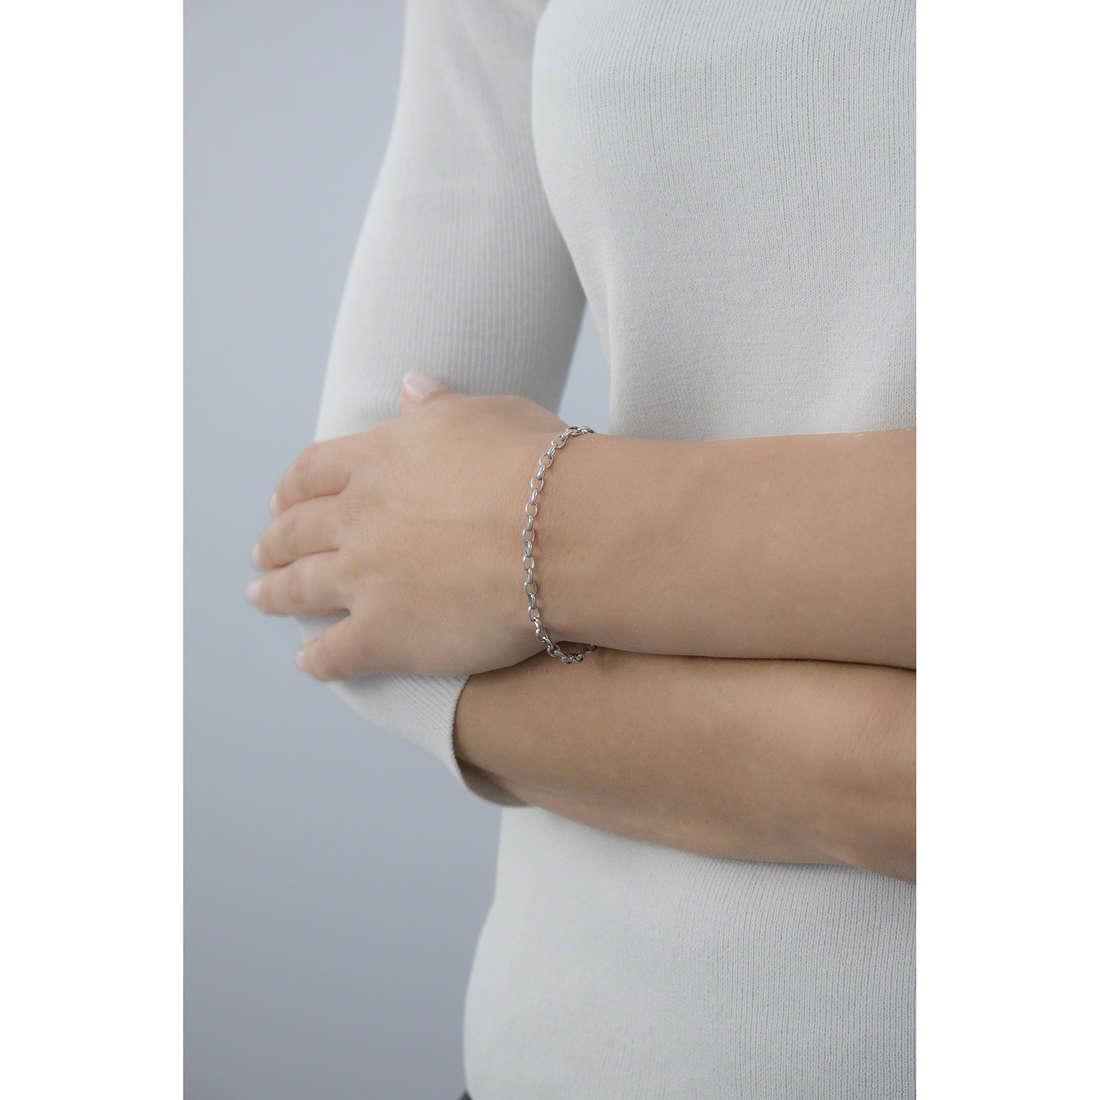 Morellato bracciali Drops donna SCZ138 indosso